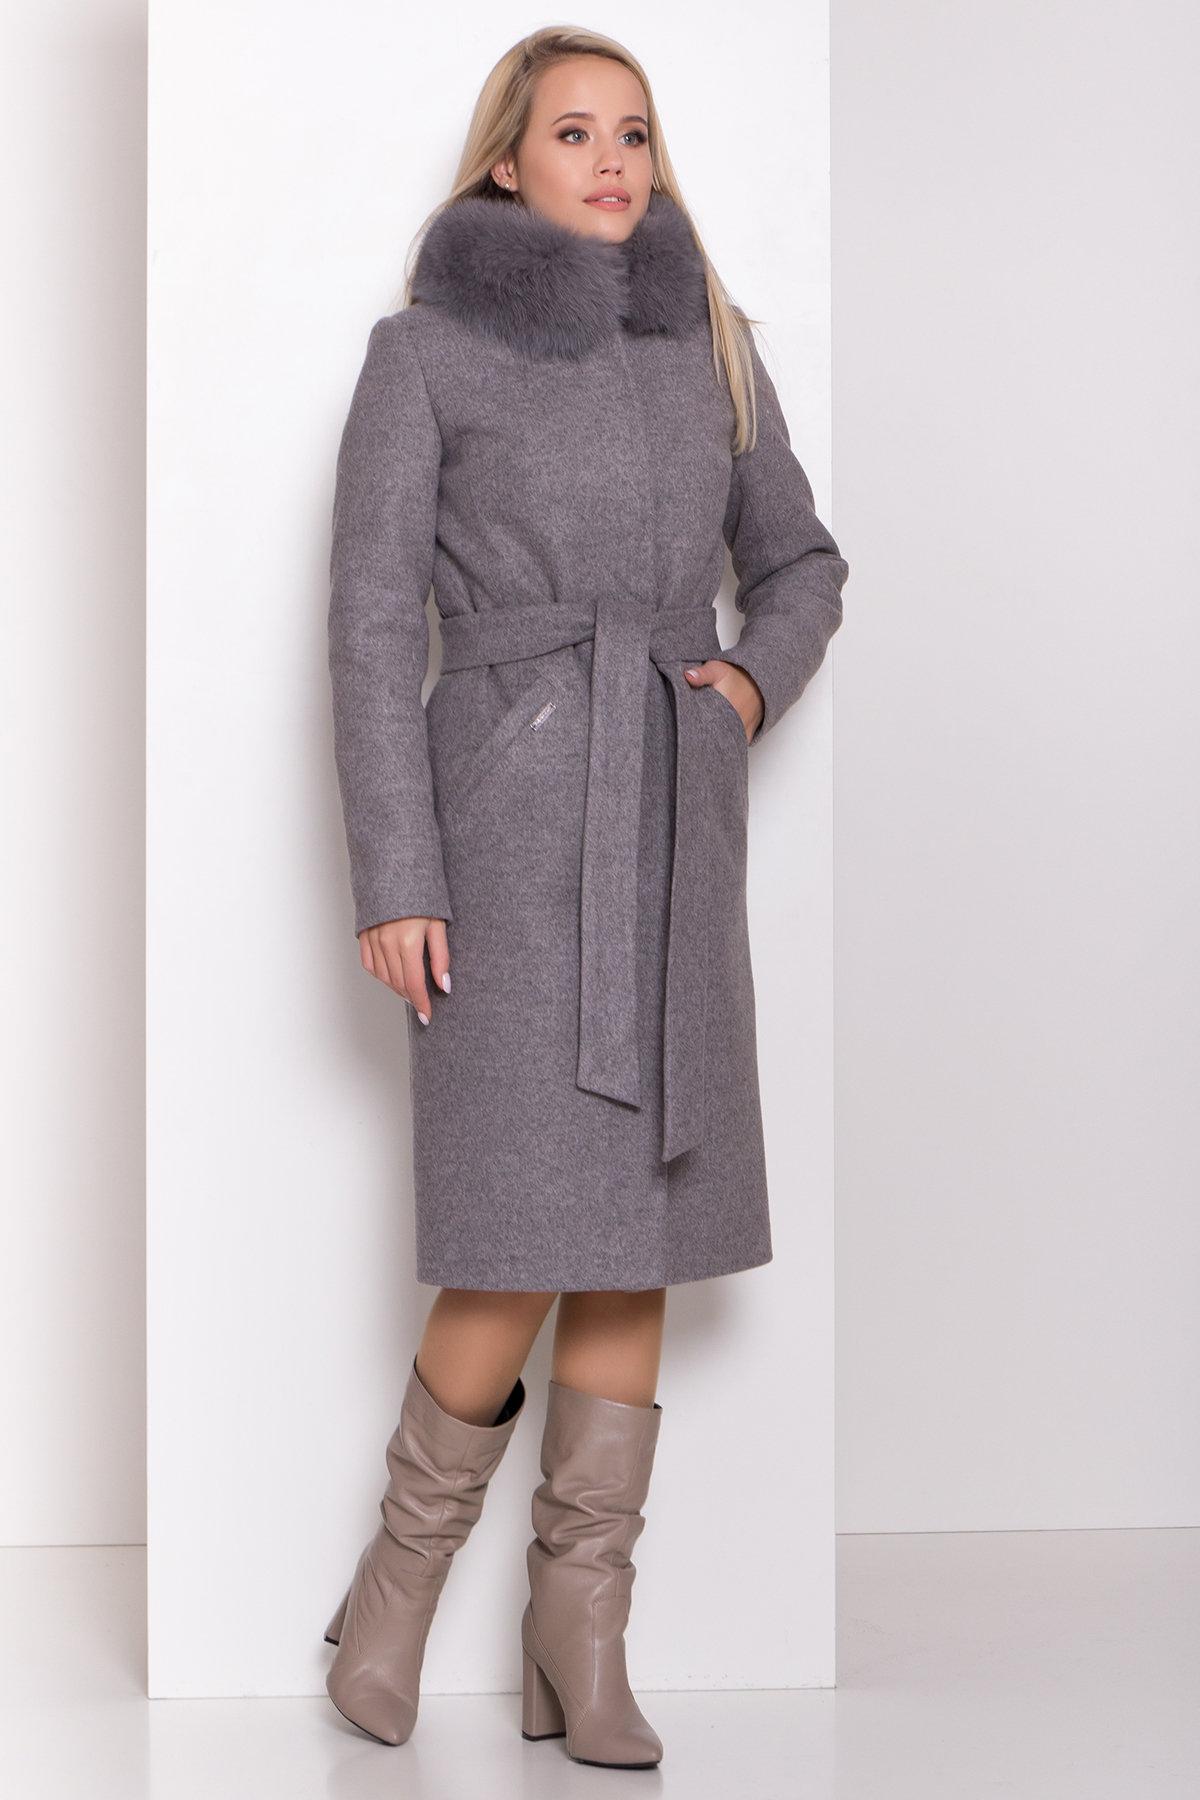 Зимнее пальто оптом от Modus Утепленное пальто зима Люцея 8417